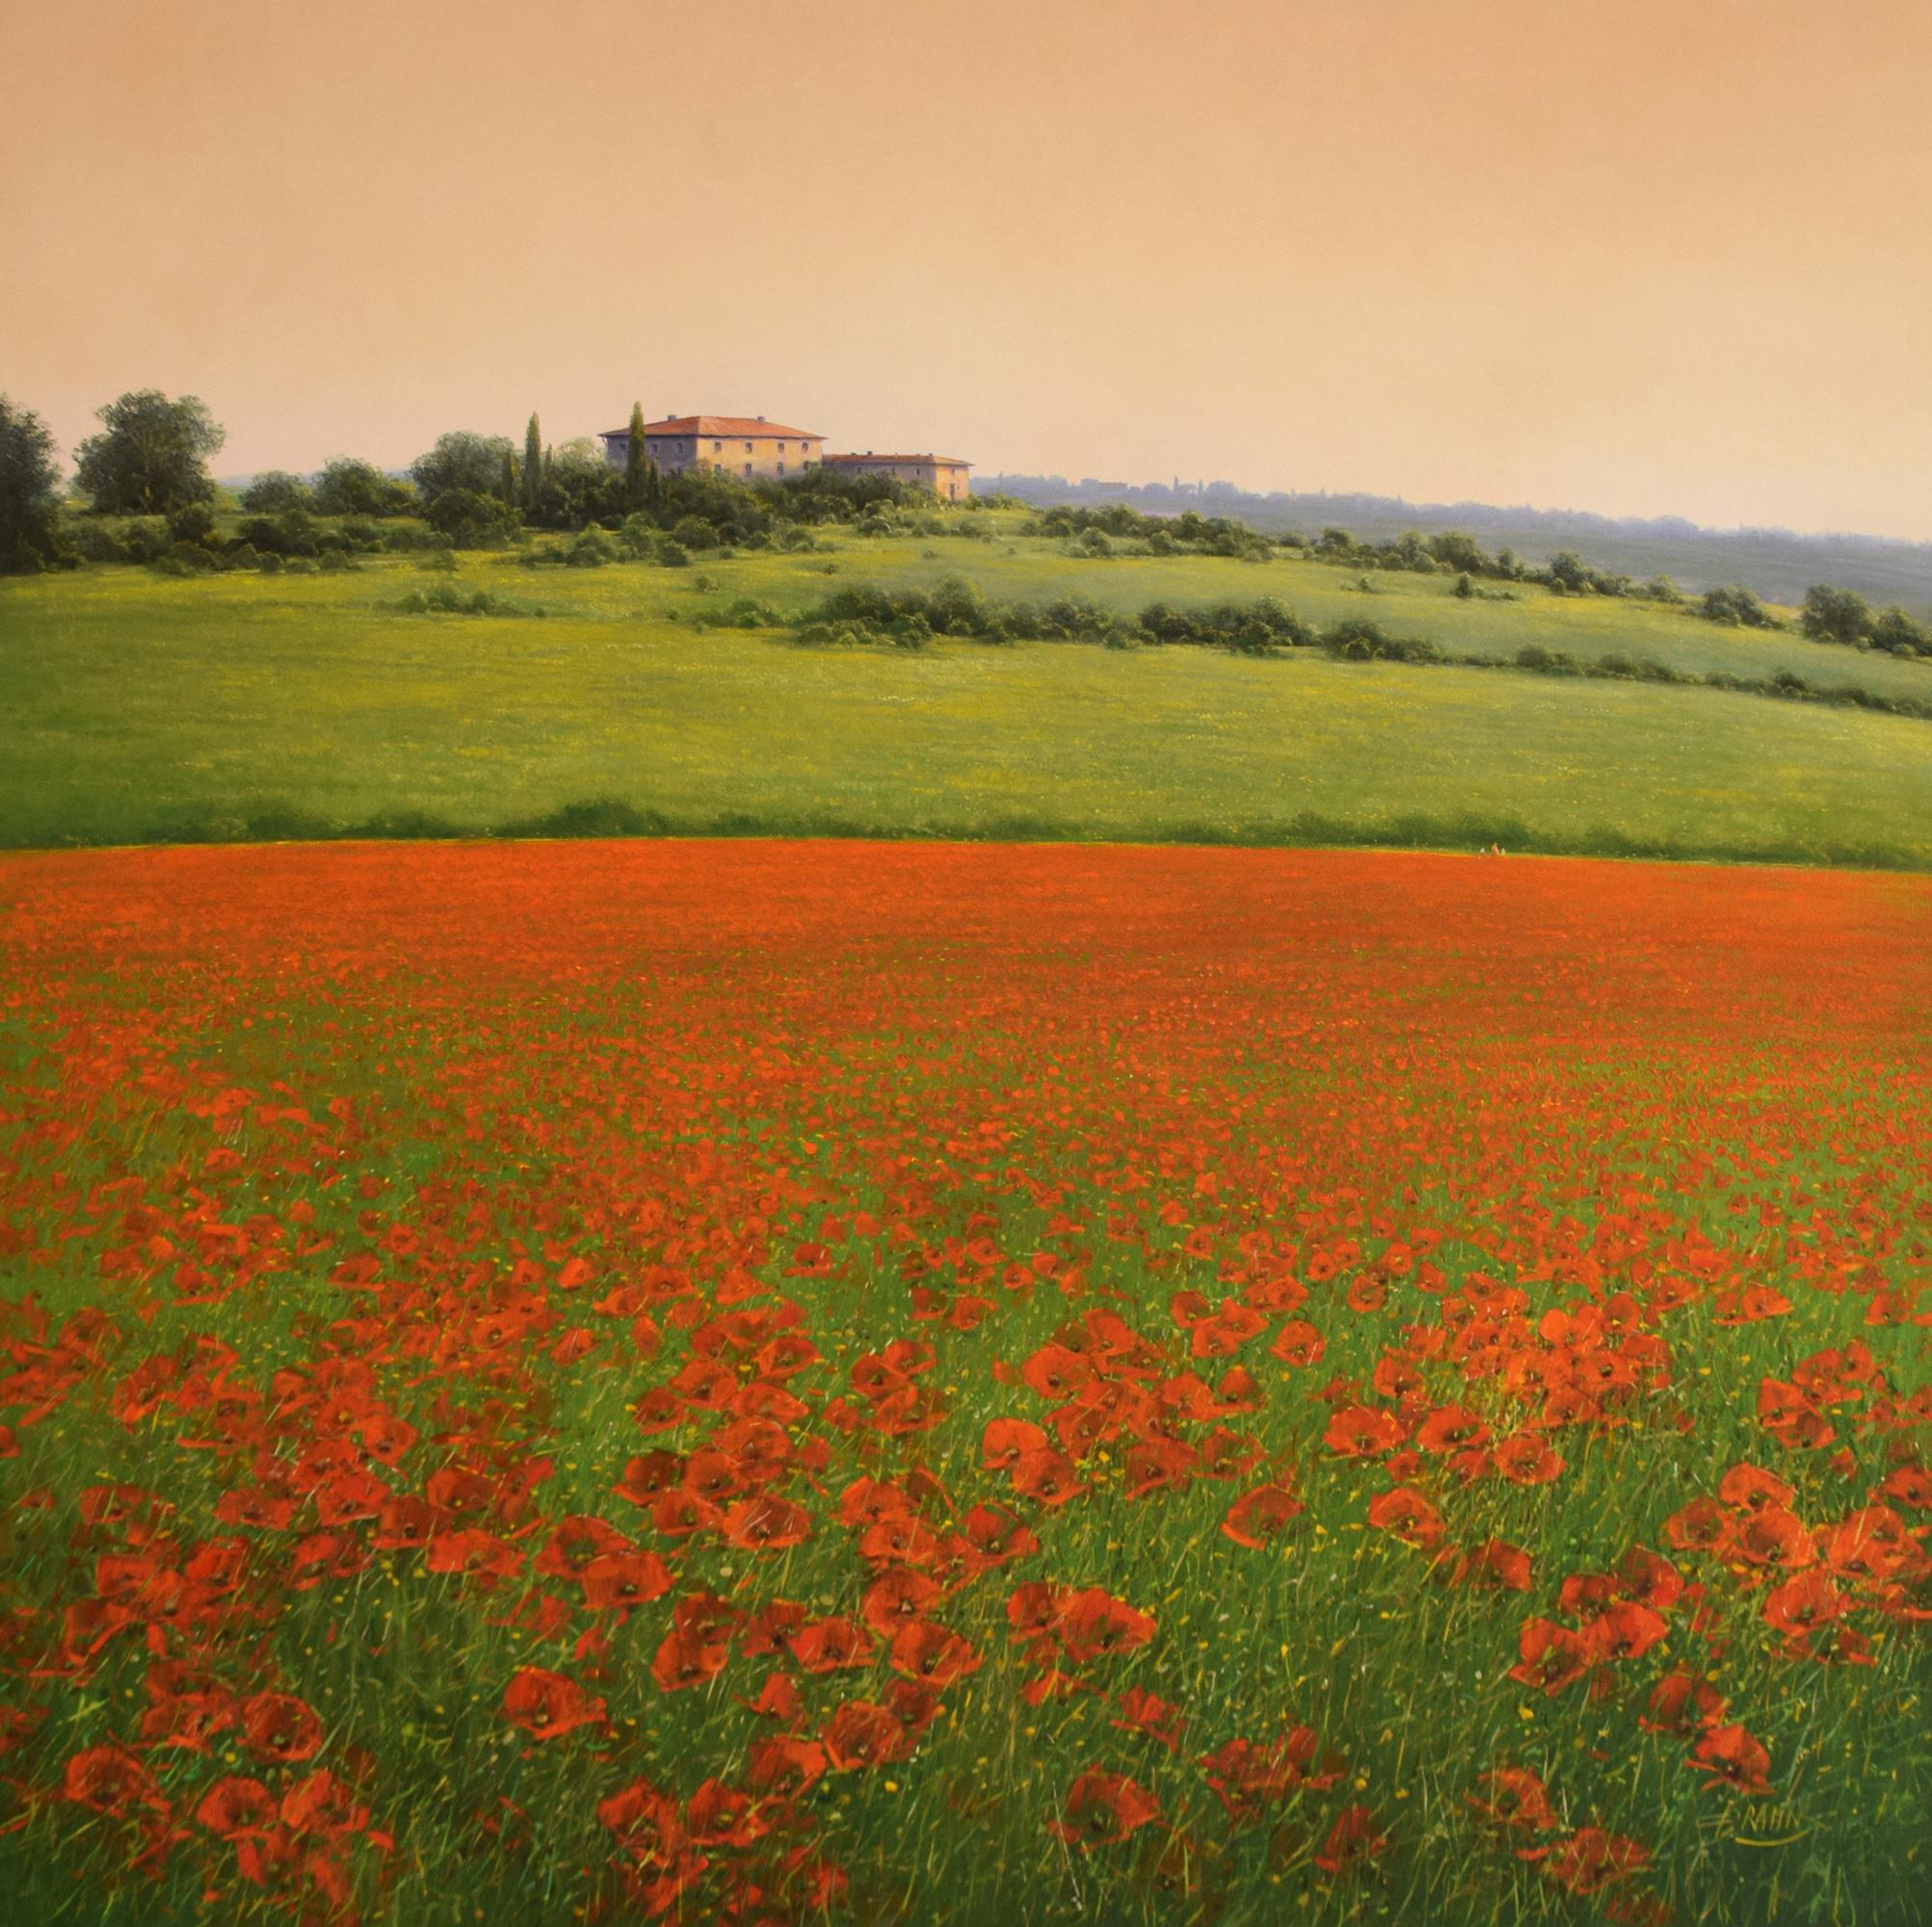 Detlef Rahn - Klatschmohn der Toscana , 7840-006-985